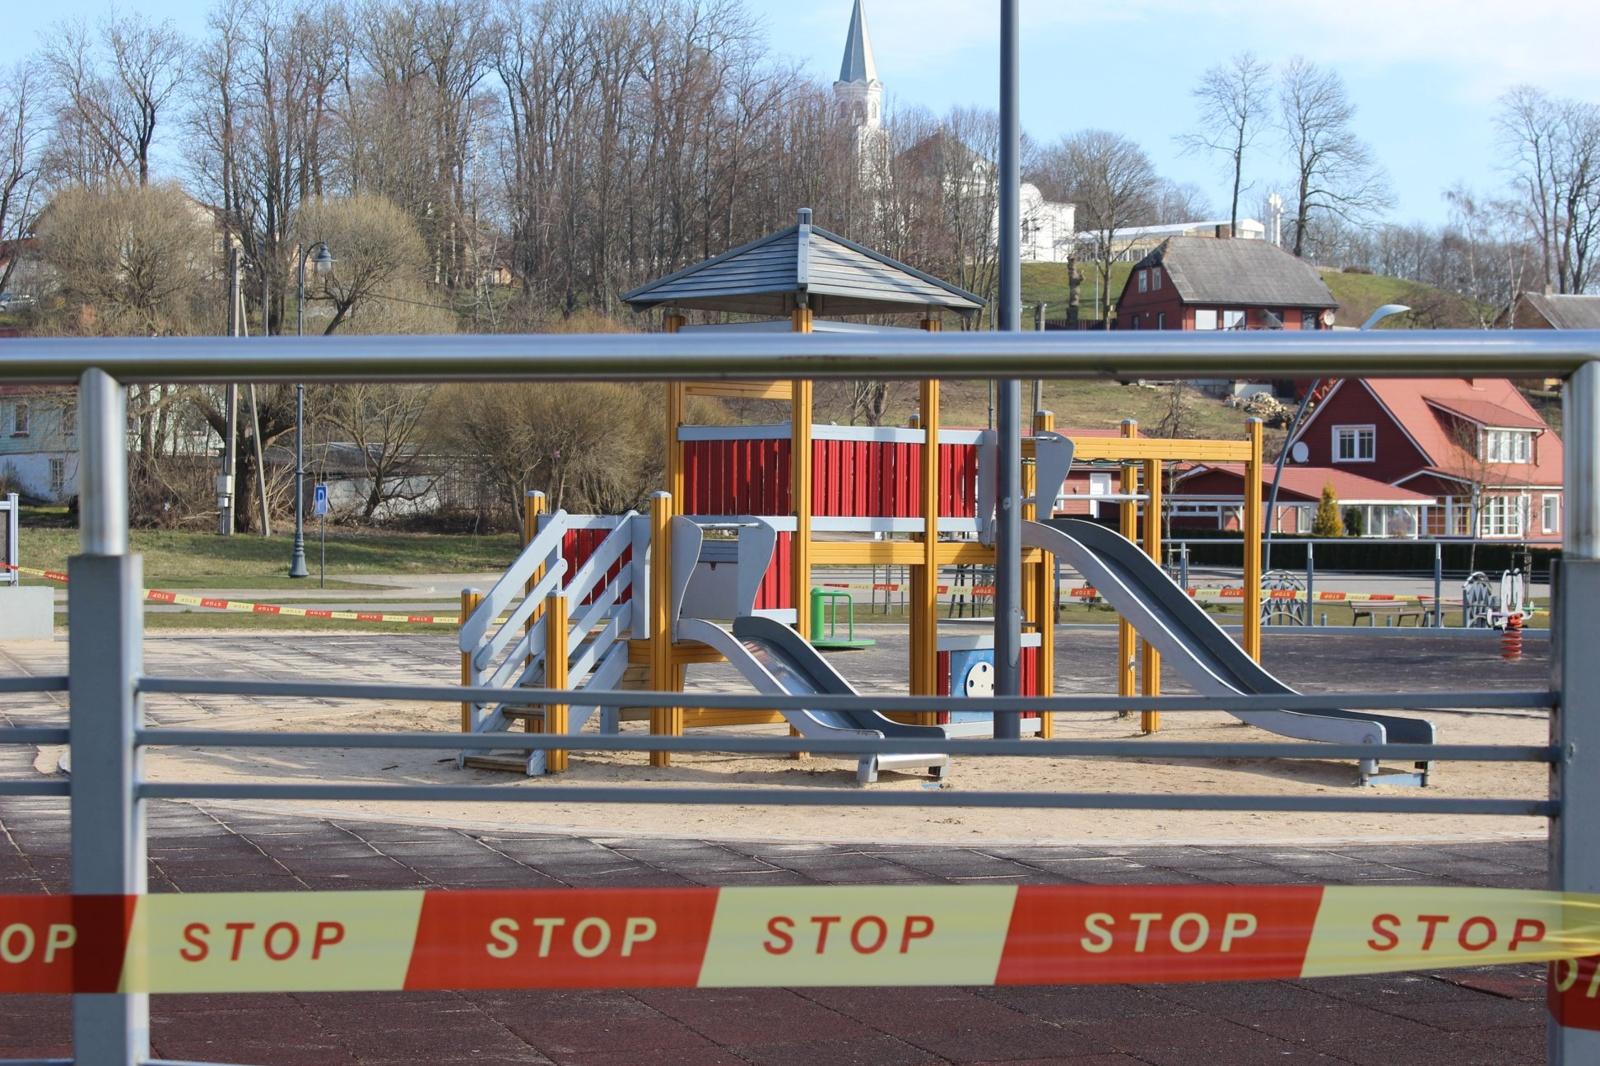 Telšiuose vaikų žaidimų aikštelės aptvertos stop juosta